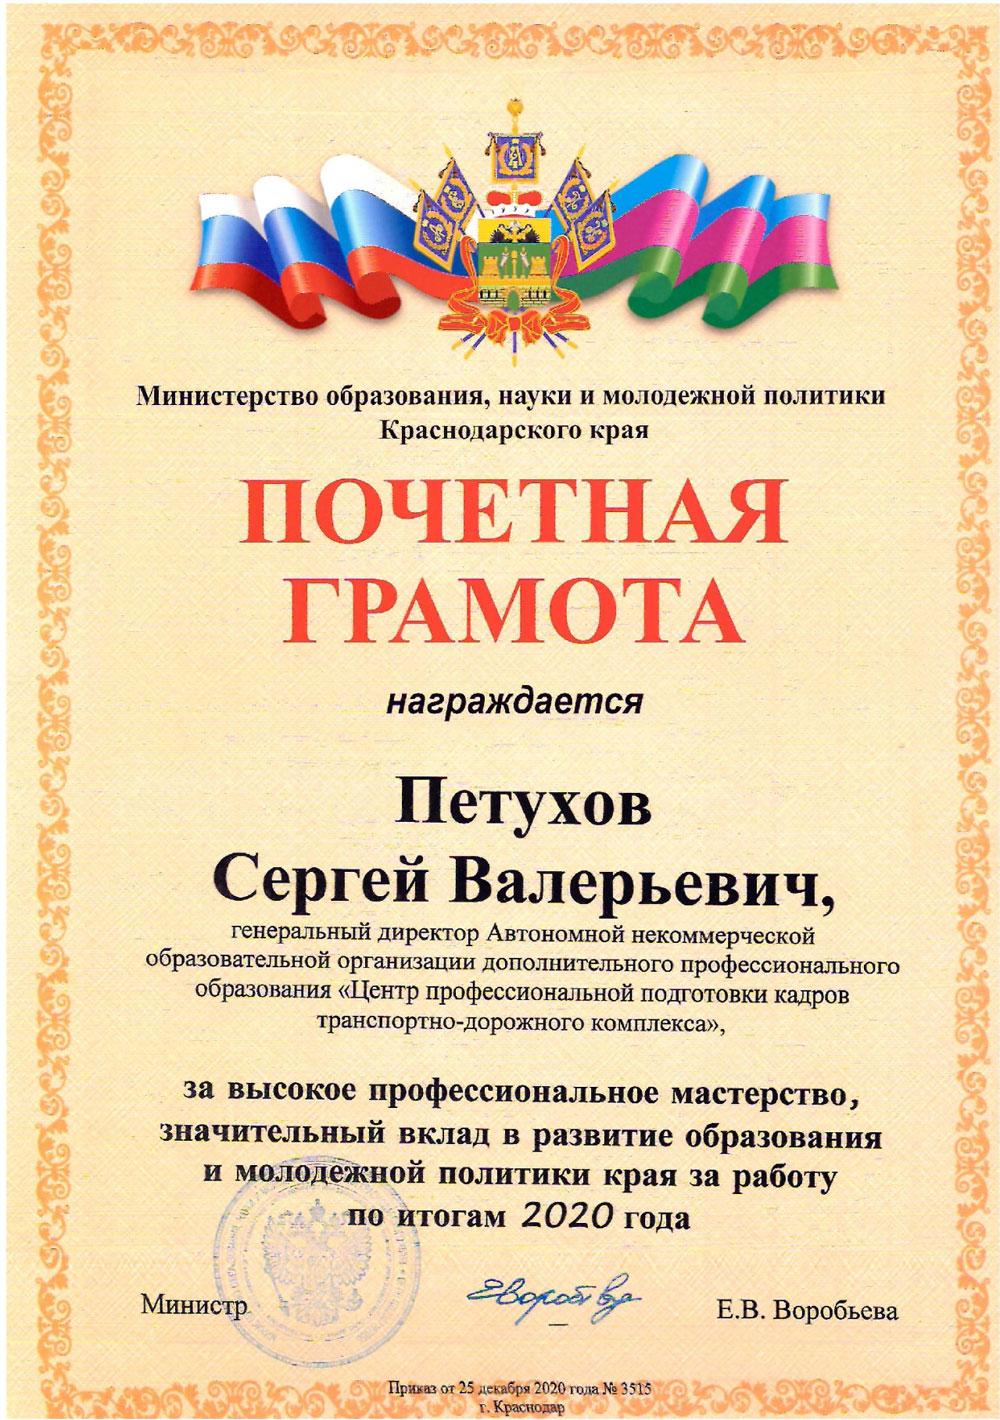 Награждение активистов в сфере образовательных организаций Кубани